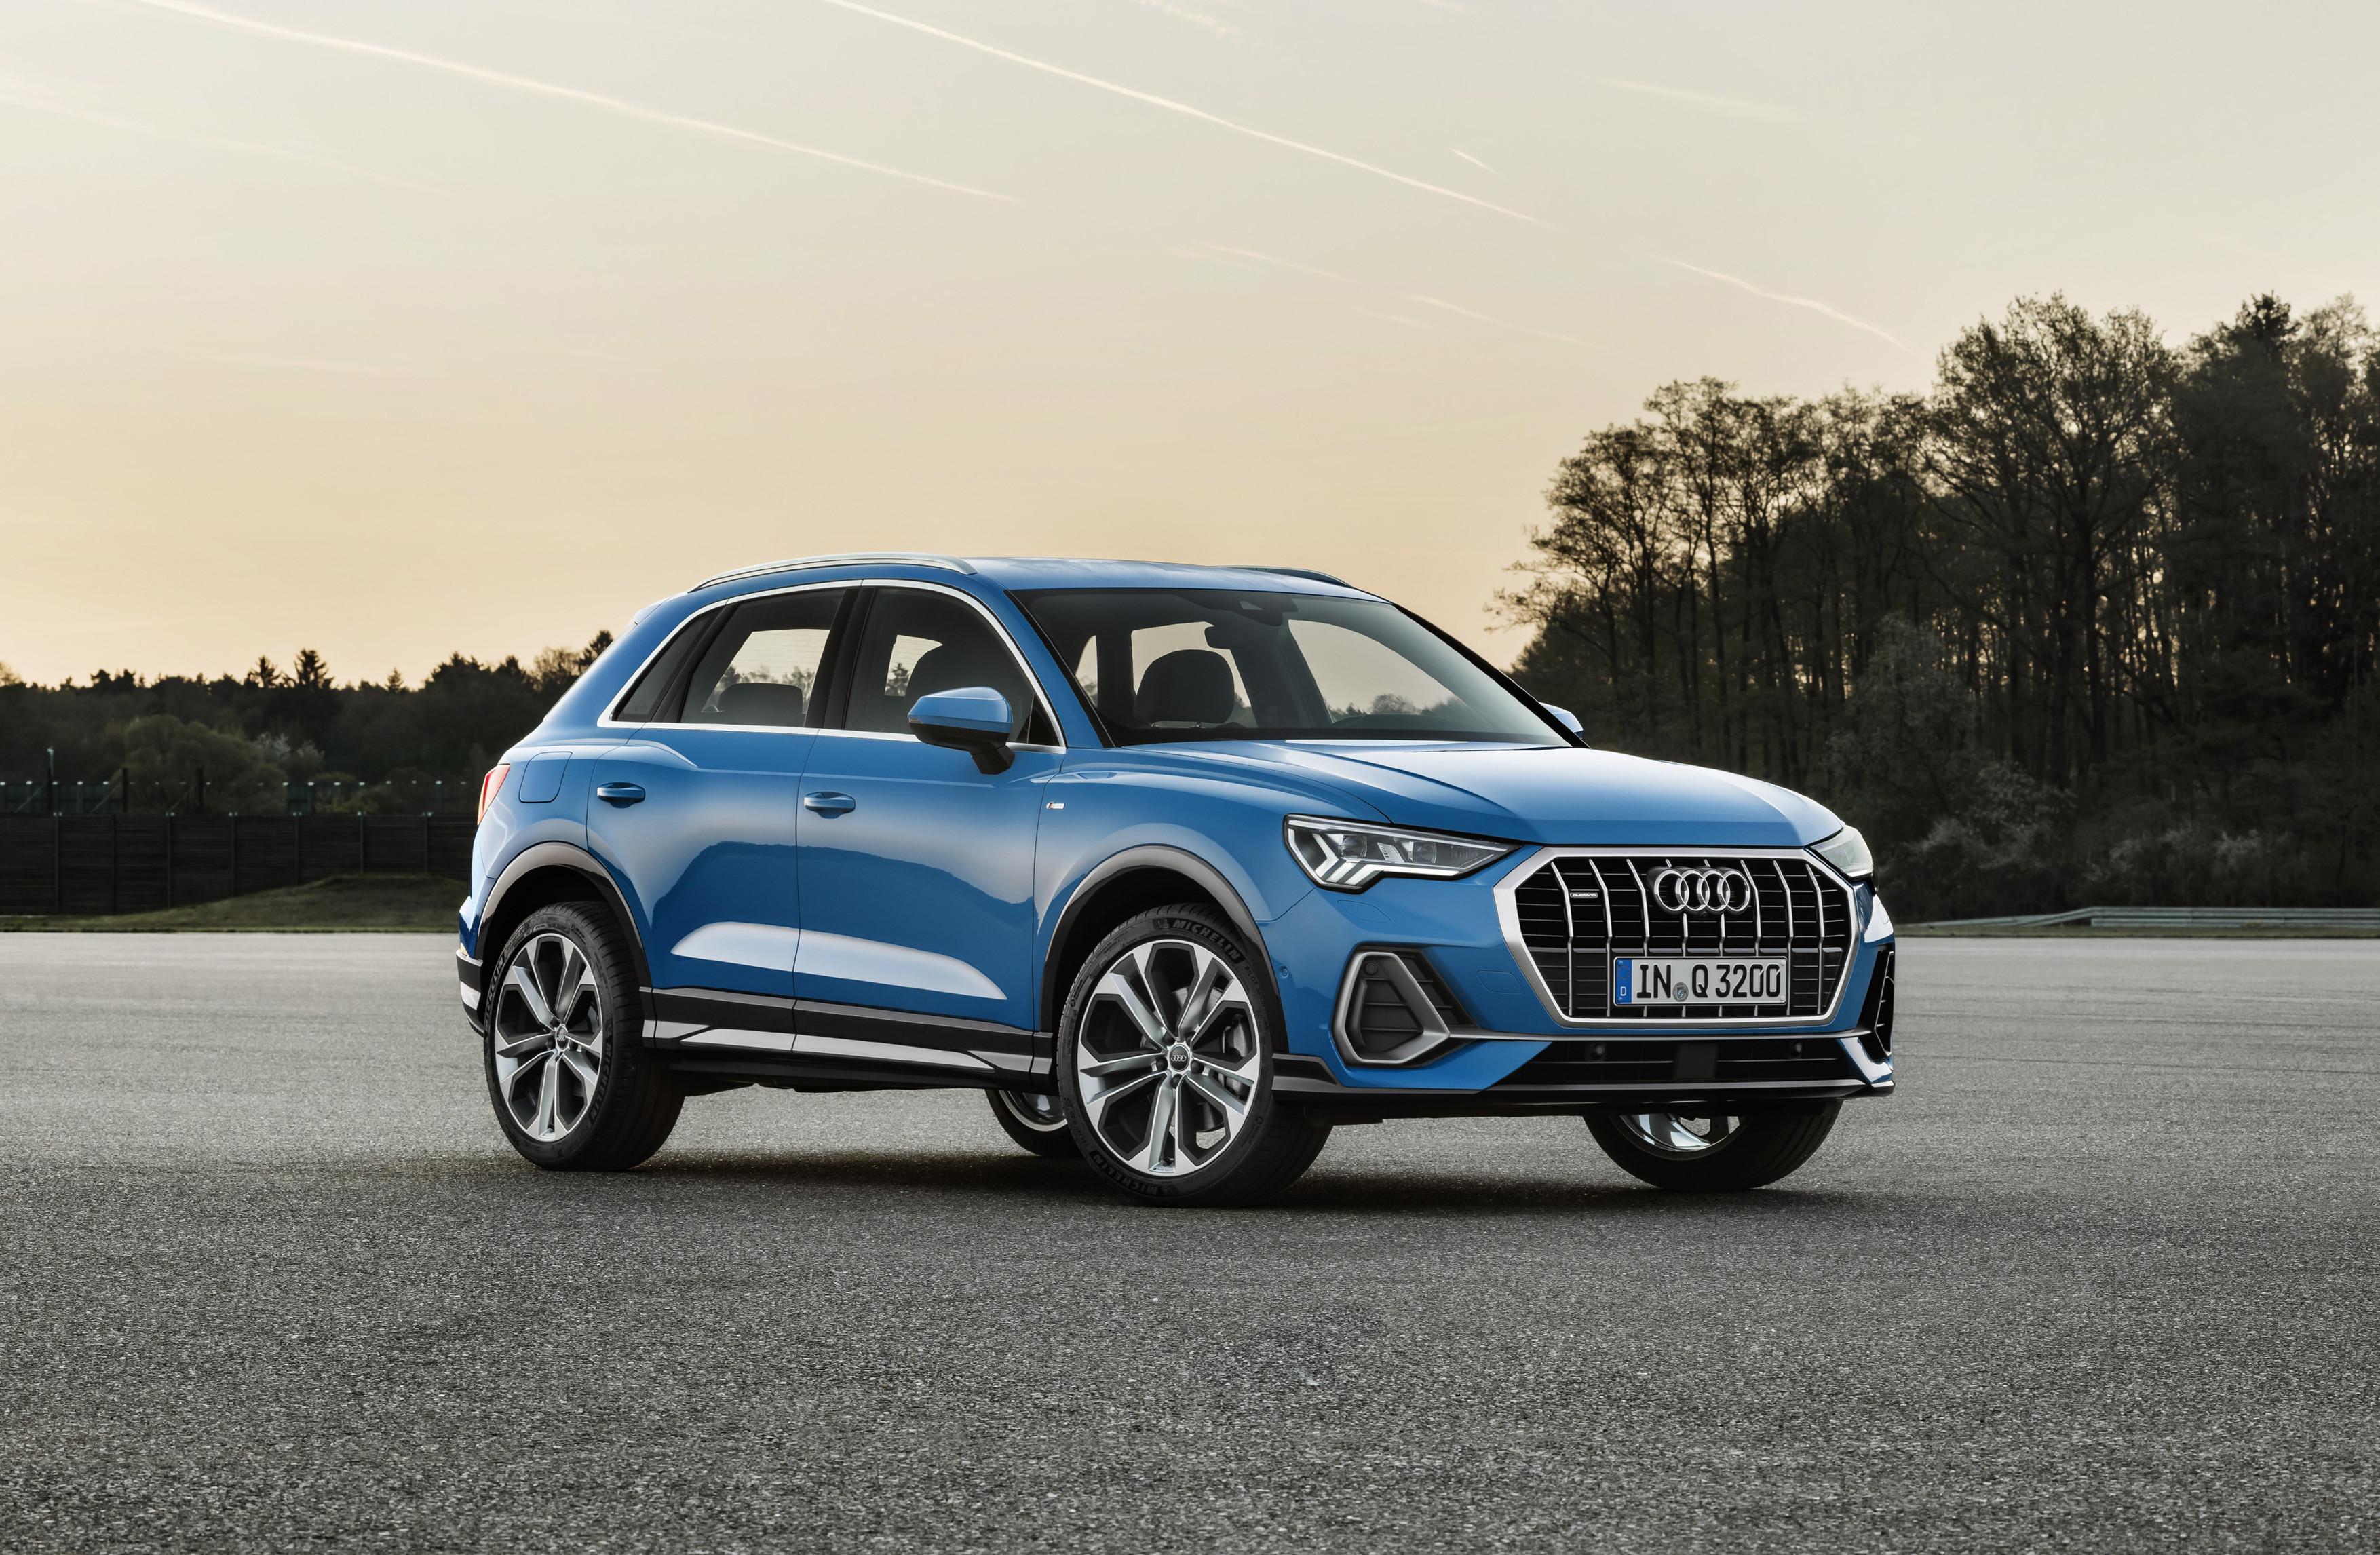 La exquisita contundencia del Audi Q3 2019